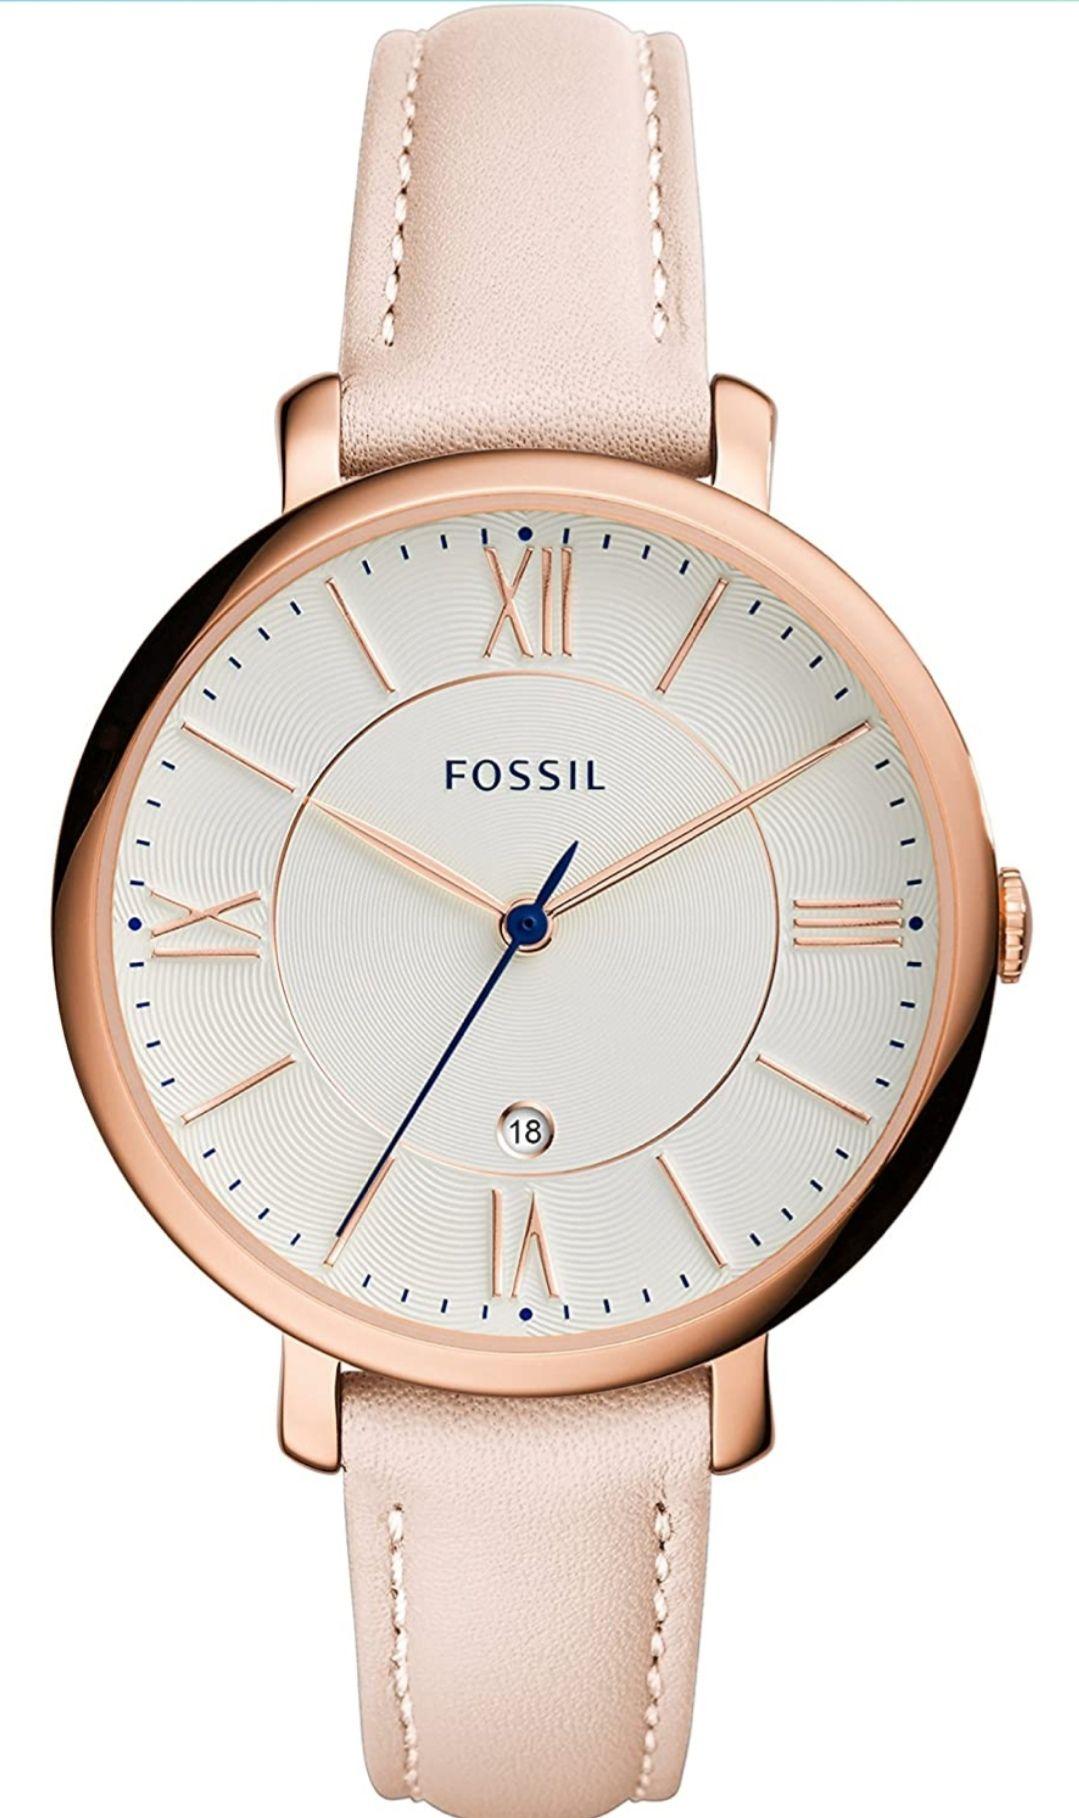 Reloj analógico mujer fossil